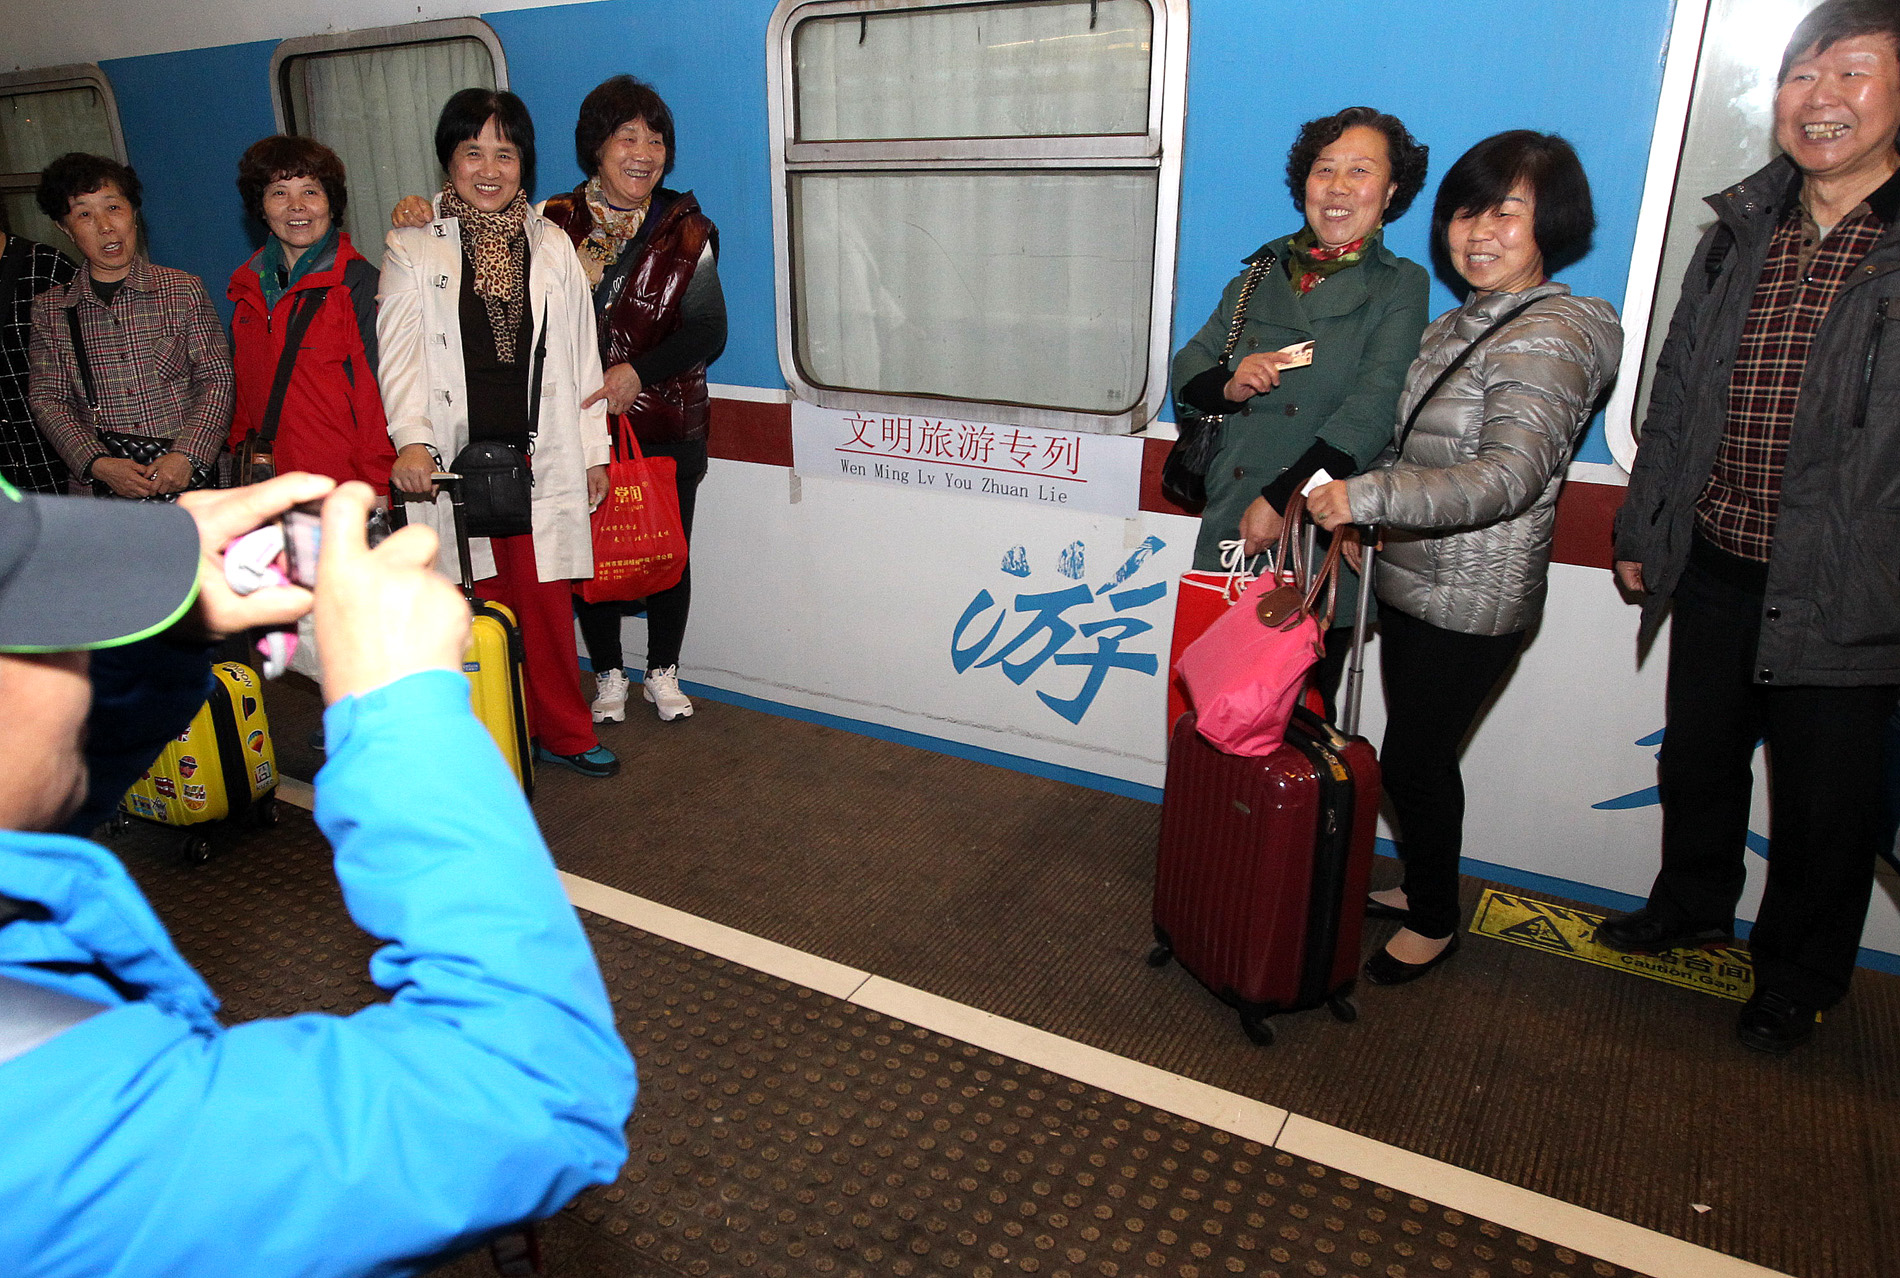 锐视角 文明旅游专列 在沪首发